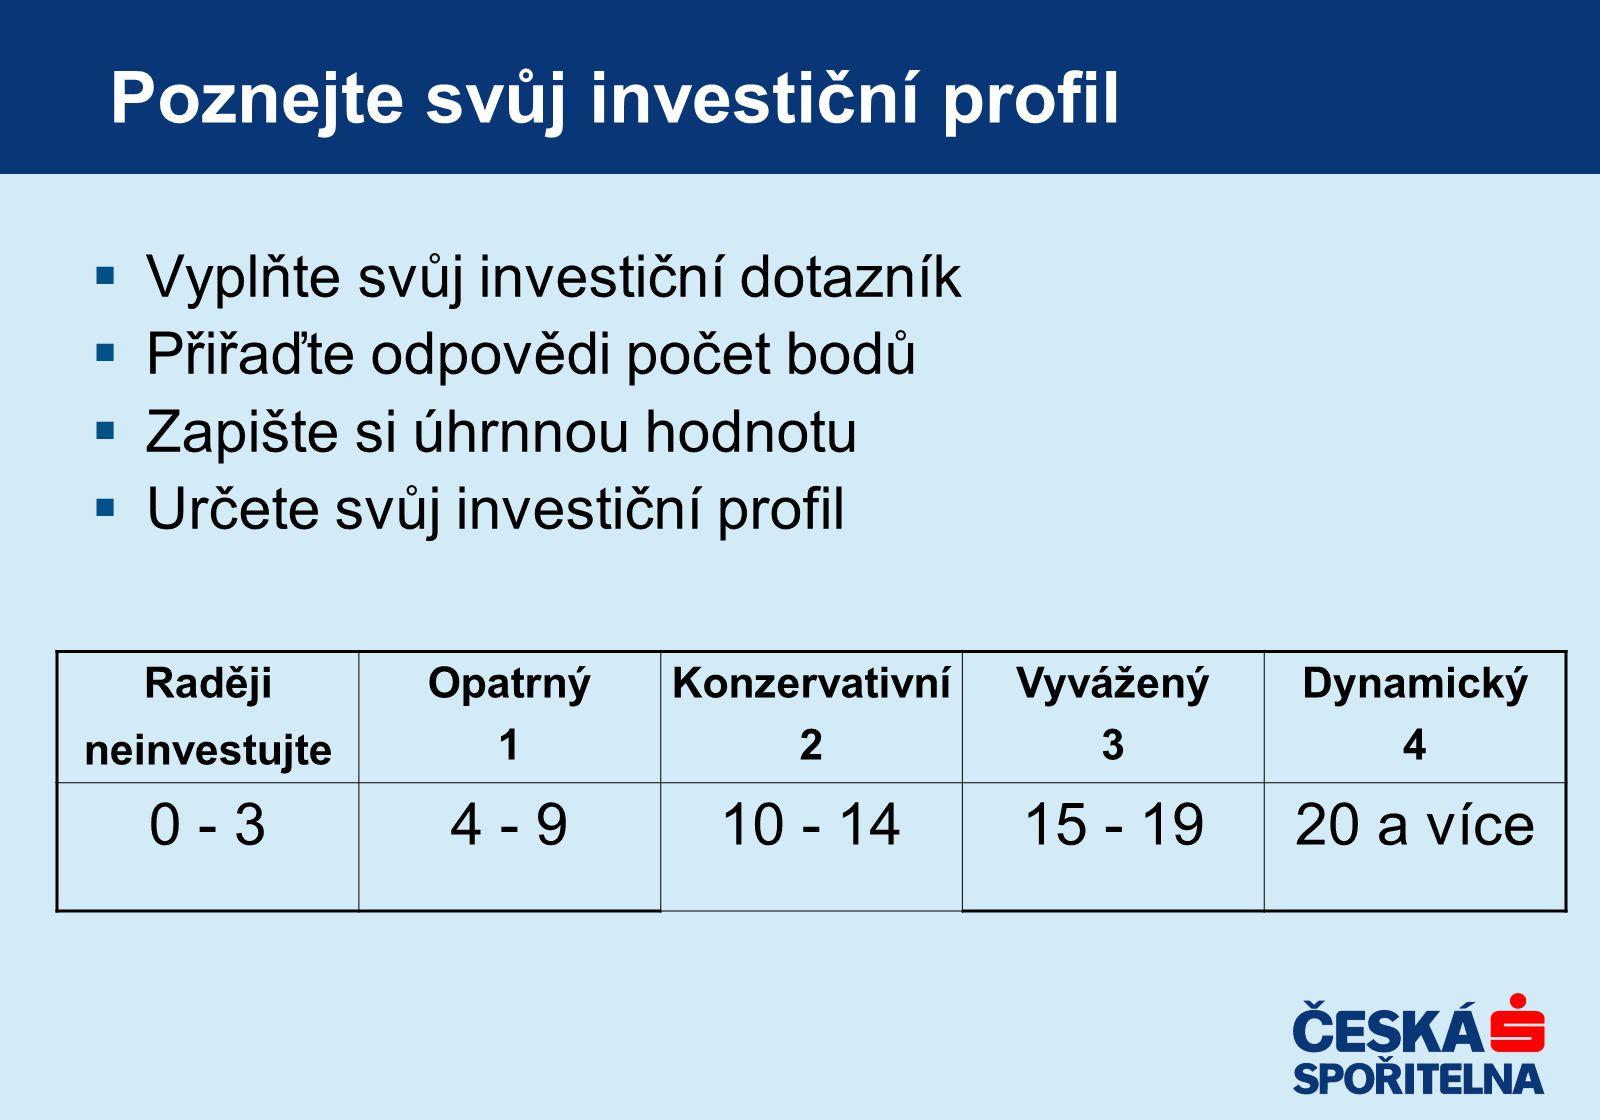 Poznejte svůj investiční profil  Vyplňte svůj investiční dotazník  Přiřaďte odpovědi počet bodů  Zapište si úhrnnou hodnotu  Určete svůj investiční profil Raději neinvestujte Opatrný 1 Konzervativní 2 Vyvážený 3 Dynamický 4 0 - 34 - 910 - 1415 - 1920 a více